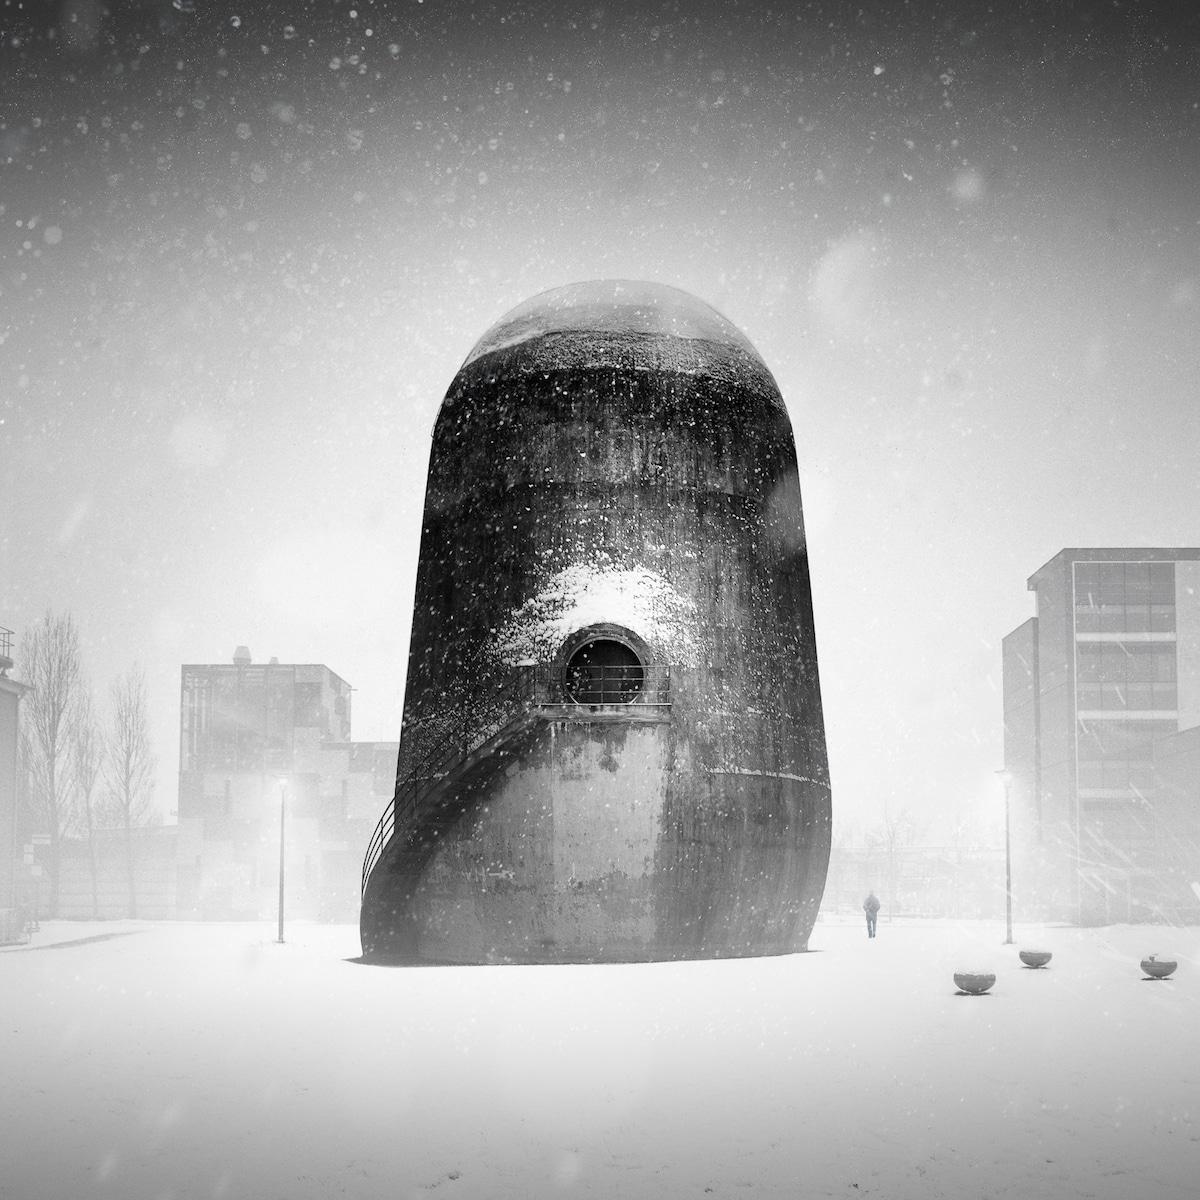 Edifício na neve